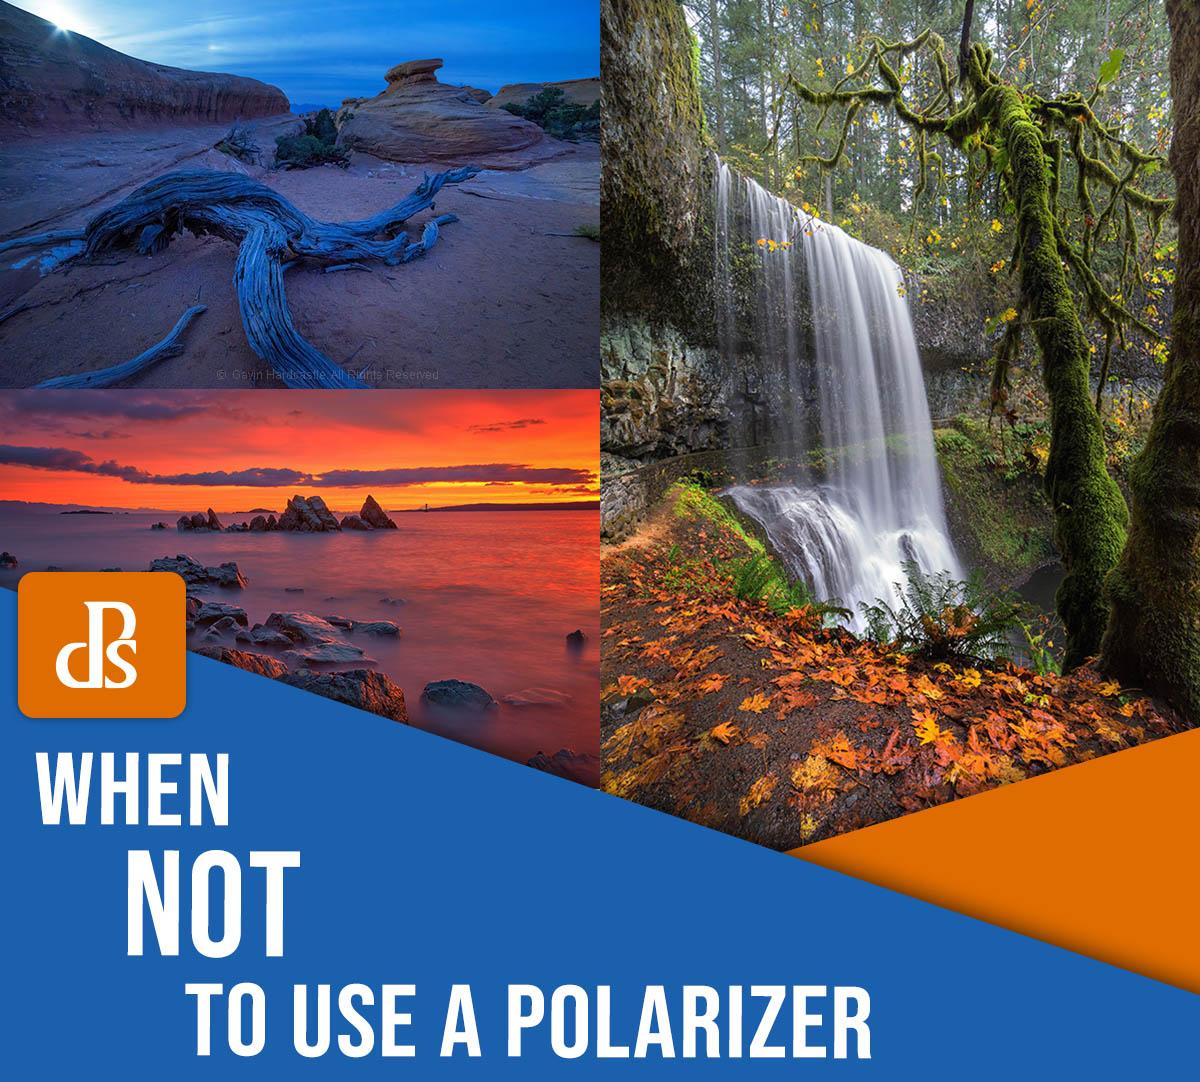 Quando não usar um filtro polarizador